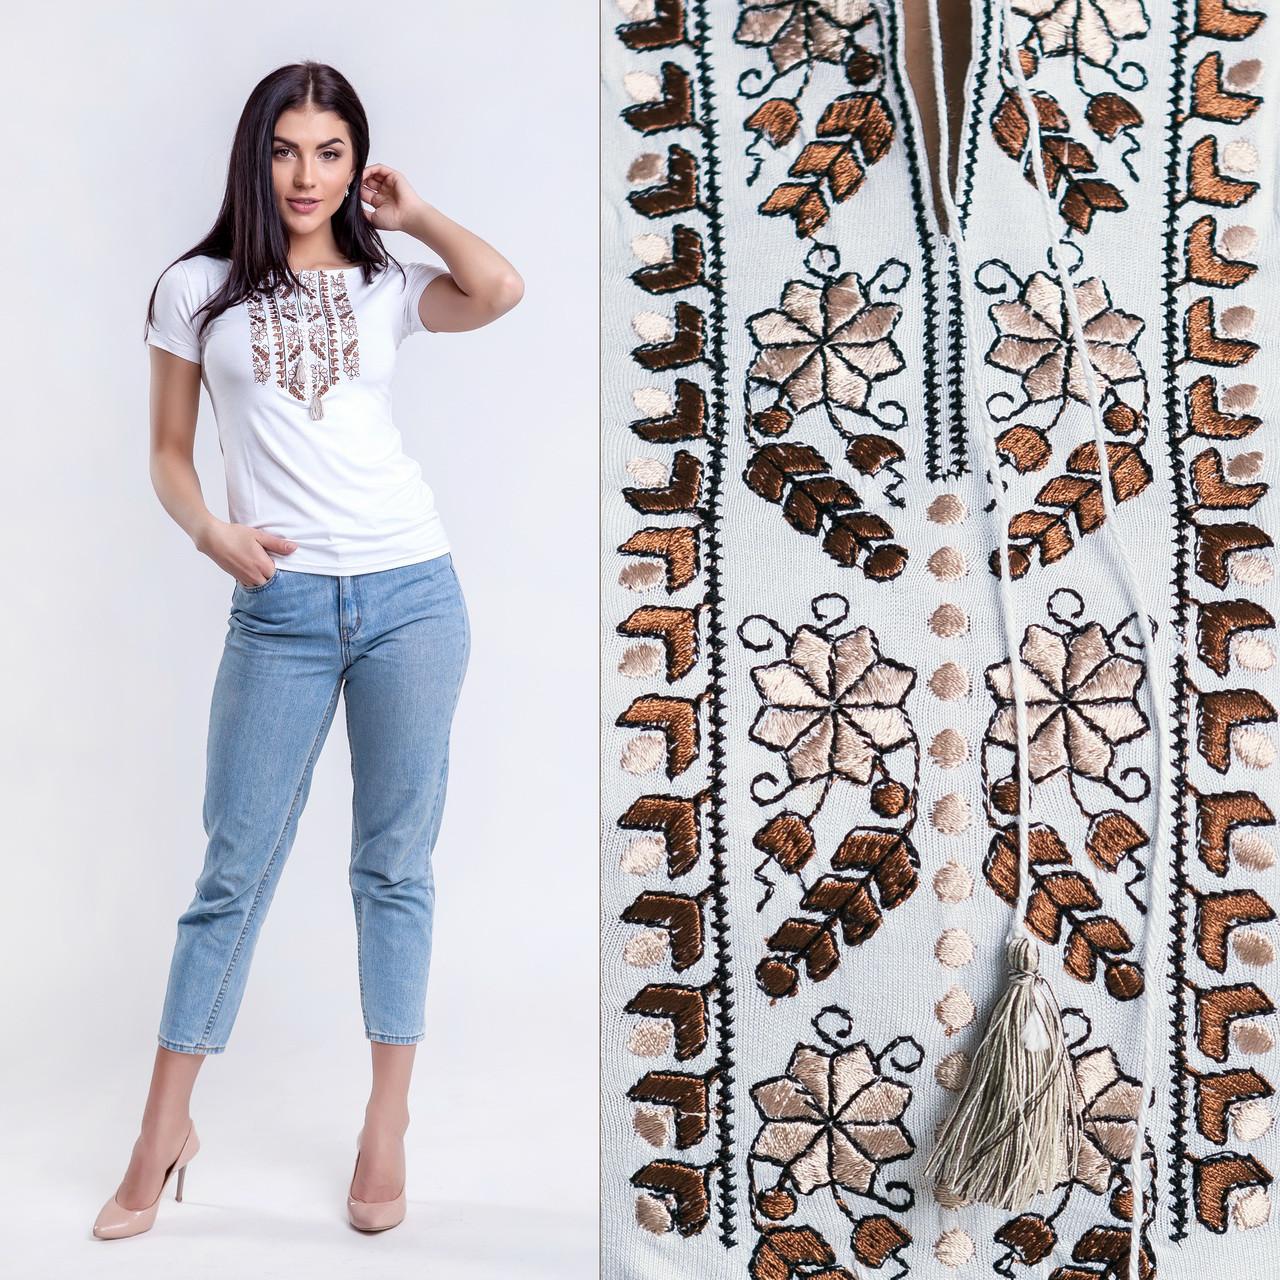 Женская футболка с вышивкой Цветы коричневые - Вишиванки Merezhka в  Хмельницком a56e8d6694e3d